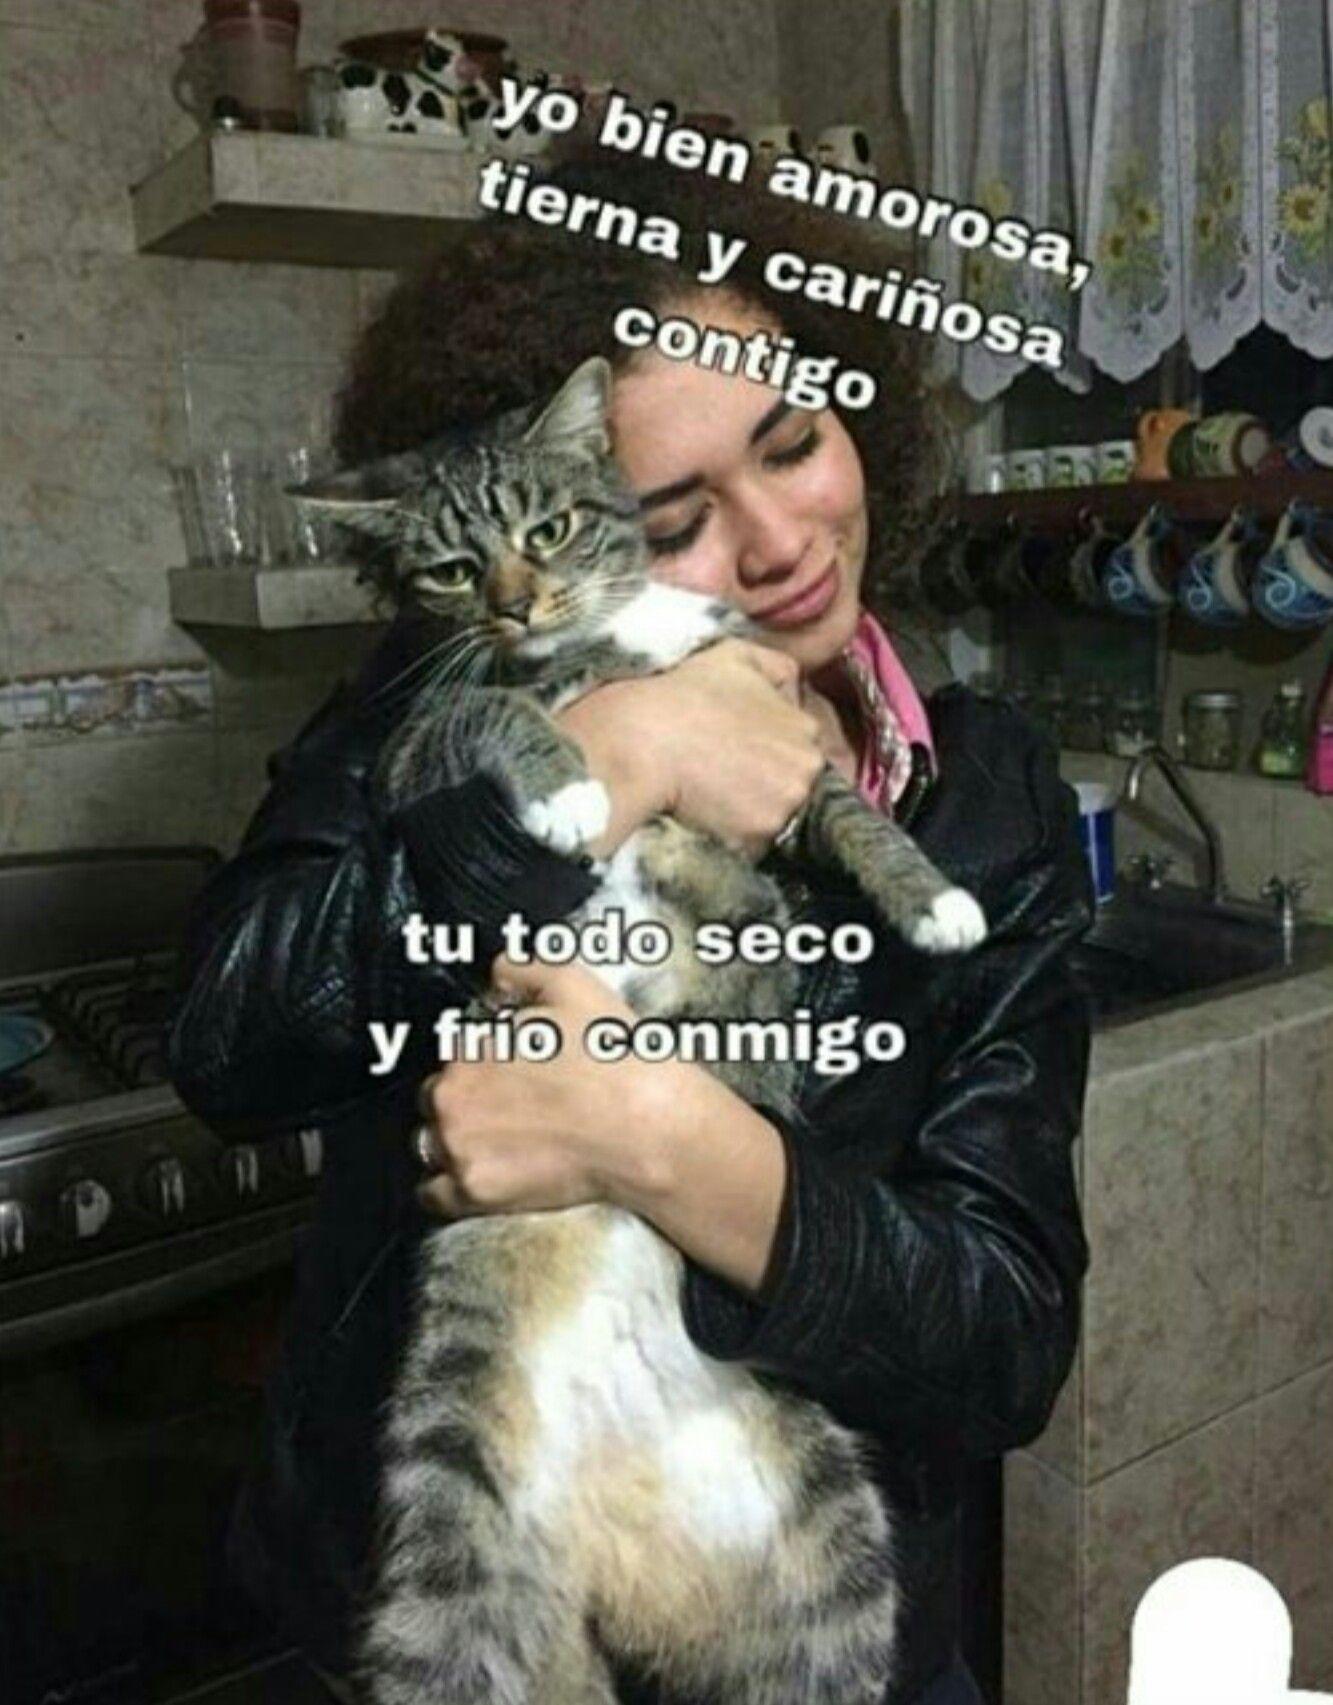 Pin By Patata Cosmica On Jasjaajajaj Cute Love Memes Funny Spanish Memes Cute Memes